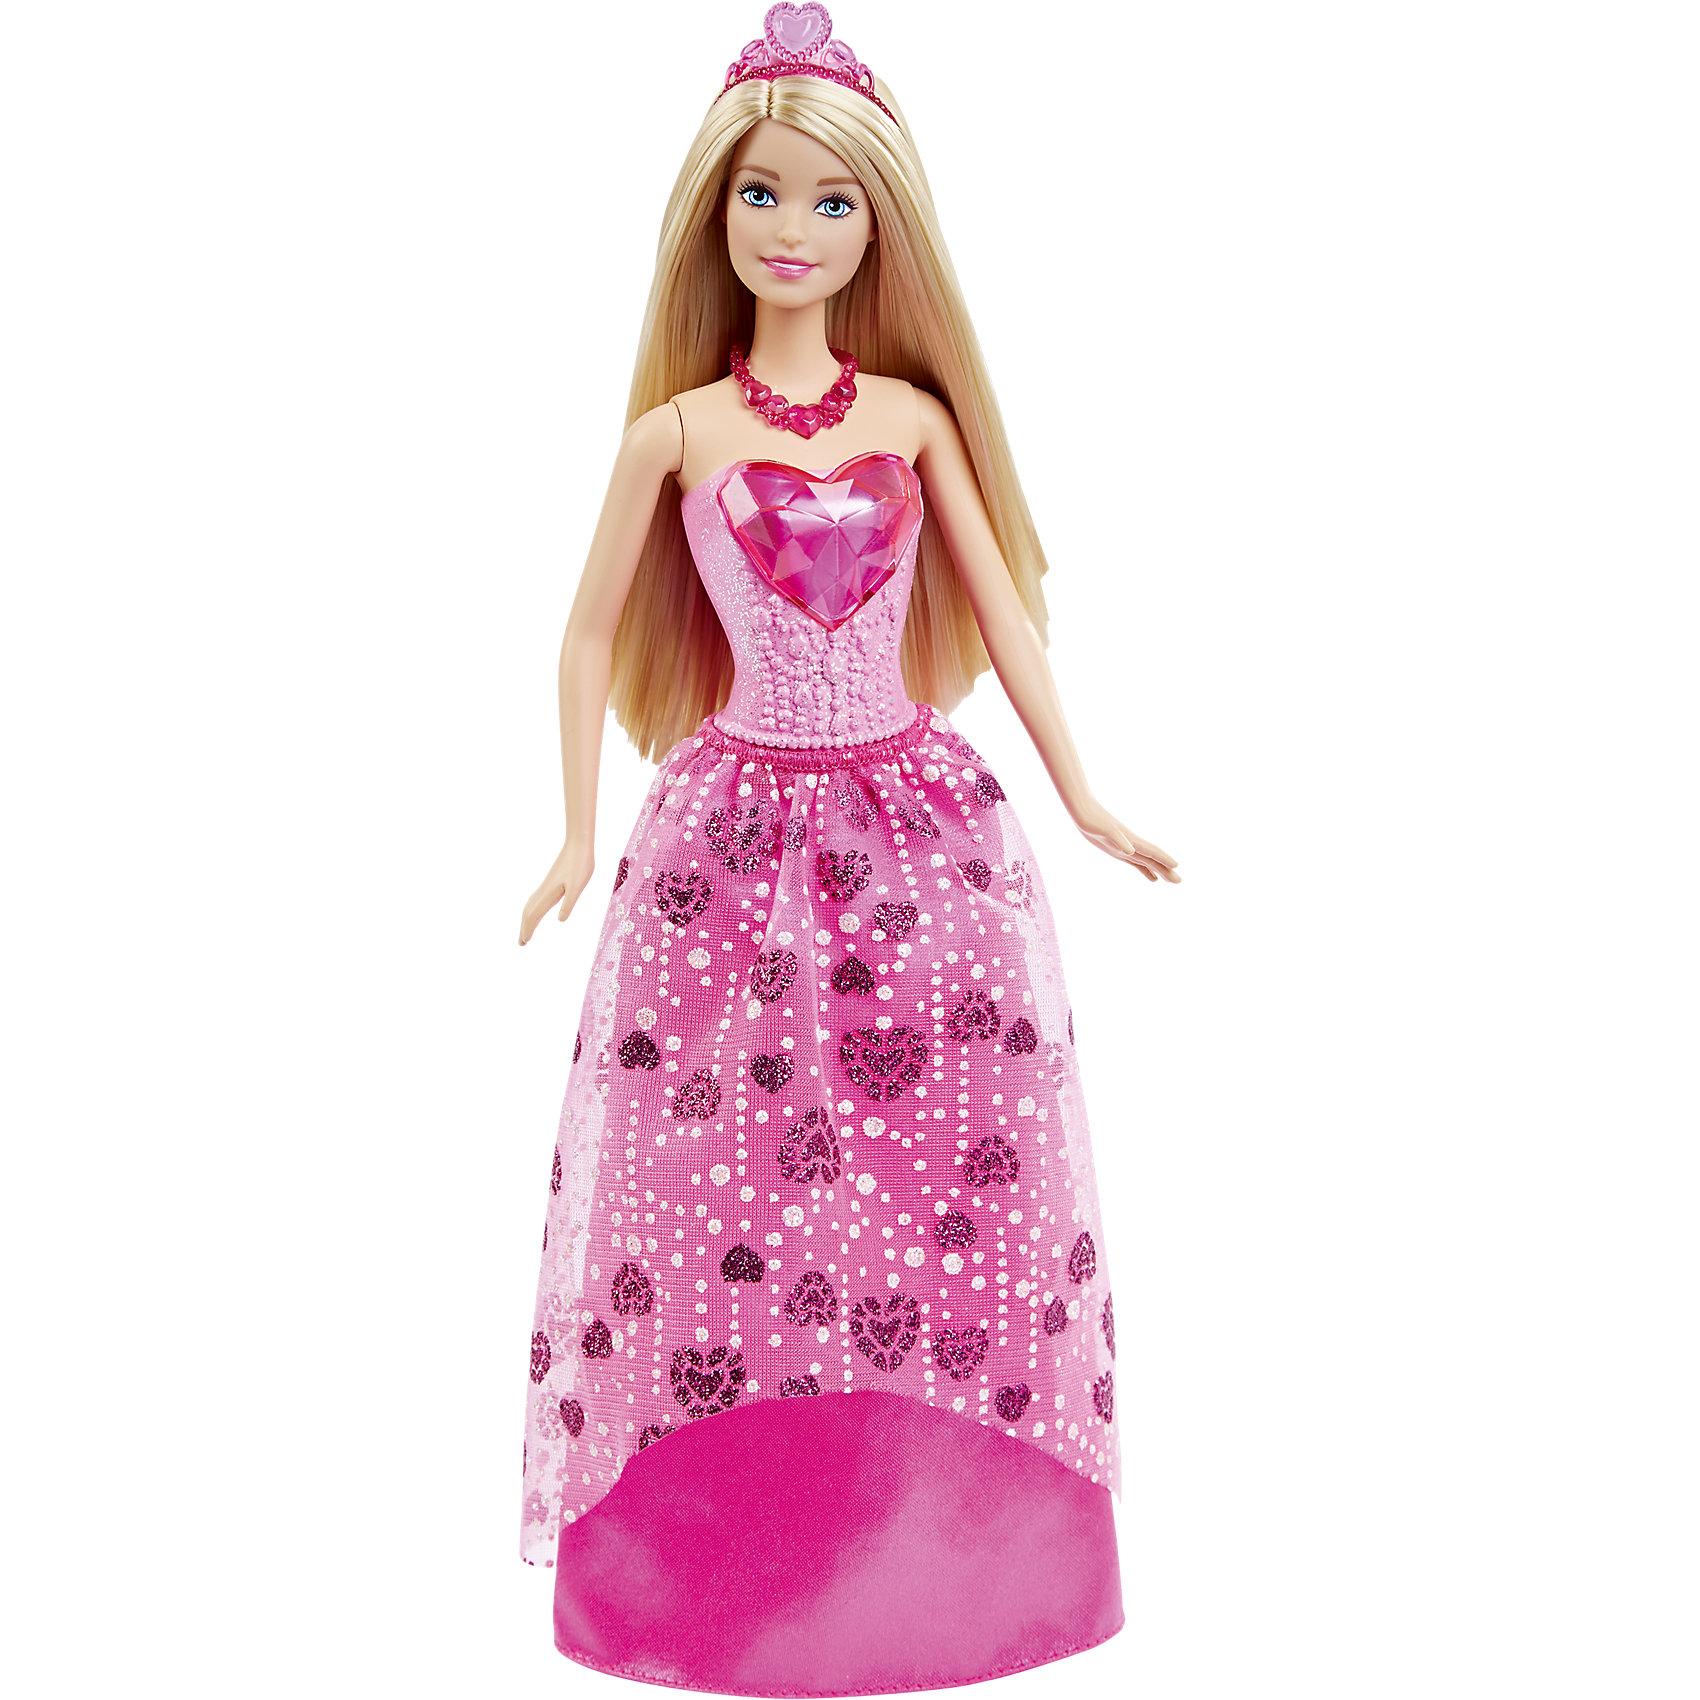 Кукла Принцесса в розовом, BarbieБренды кукол<br>Новая кукла Barbie Принцесса в розовом очарует девочек всех возрастов. На этот раз красавица Барби представлена в образе принцессы сказочного королевства самоцветов. У нее длинные светлые волосы, которые можно укладывать в разнообразные прически. Чудесный наряд состоит из пластикового розового топа с большим блестящим сердечком и яркой розовой юбочки с прозрачной кокеткой, декорированной сердечками. Волшебный образ дополняют красные туфельки на каблуках и красивая диадема. Тело куколки на шарнирах, ноги и руки сгибаются и разгибаются, благодаря чему она может принимать различные положения. Одежда и аксессуары подходят всем куклам-принцессам, русалкам и феям Barbie (продаются отдельно). <br><br>Дополнительная информация:<br><br>- Материал: пластик, текстиль.<br>- Высота куклы: 29 см.<br>- Размер упаковки: 32 x 13 x 6 см.<br>- Вес: 0,175 кг.<br><br>Куклу Принцесса в розовом, Barbie, Mattel, можно купить в нашем интернет-магазине.<br><br>Ширина мм: 327<br>Глубина мм: 129<br>Высота мм: 50<br>Вес г: 185<br>Возраст от месяцев: 36<br>Возраст до месяцев: 72<br>Пол: Женский<br>Возраст: Детский<br>SKU: 4349933